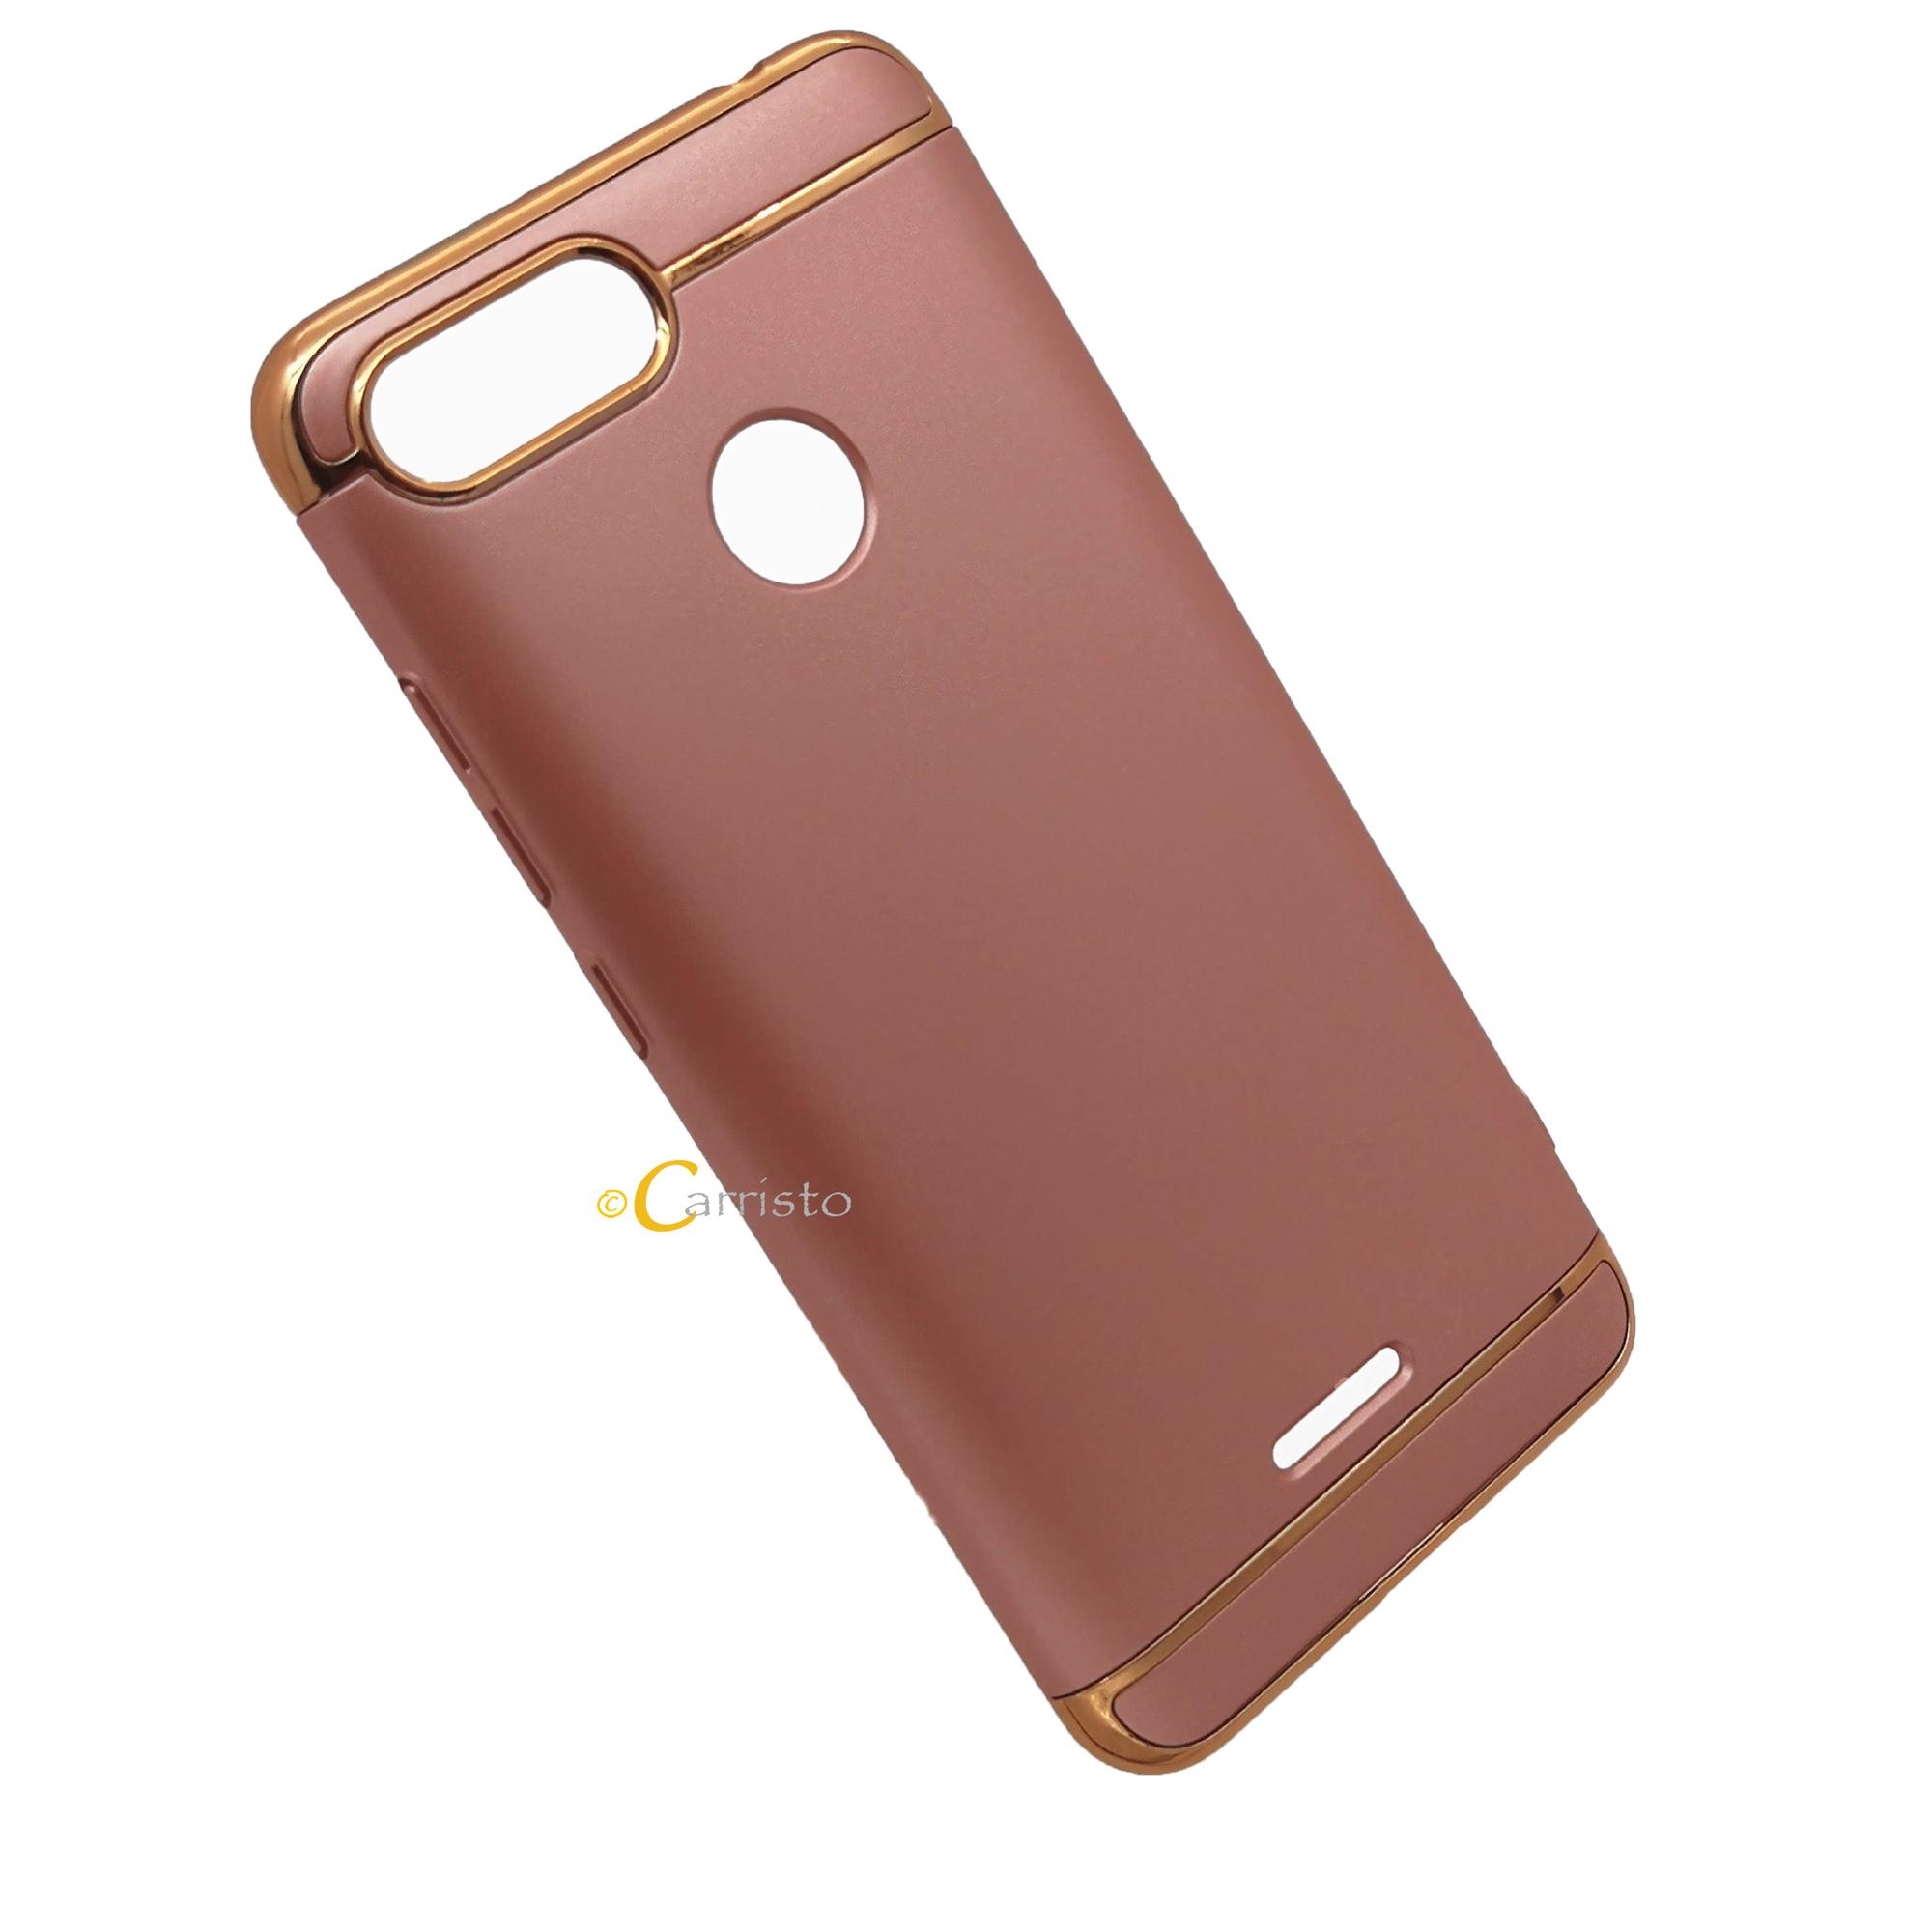 new arrival c4de4 9c01c Xiaomi Redmi 6 Redmi 6A Hard Case Cover Casing Housing